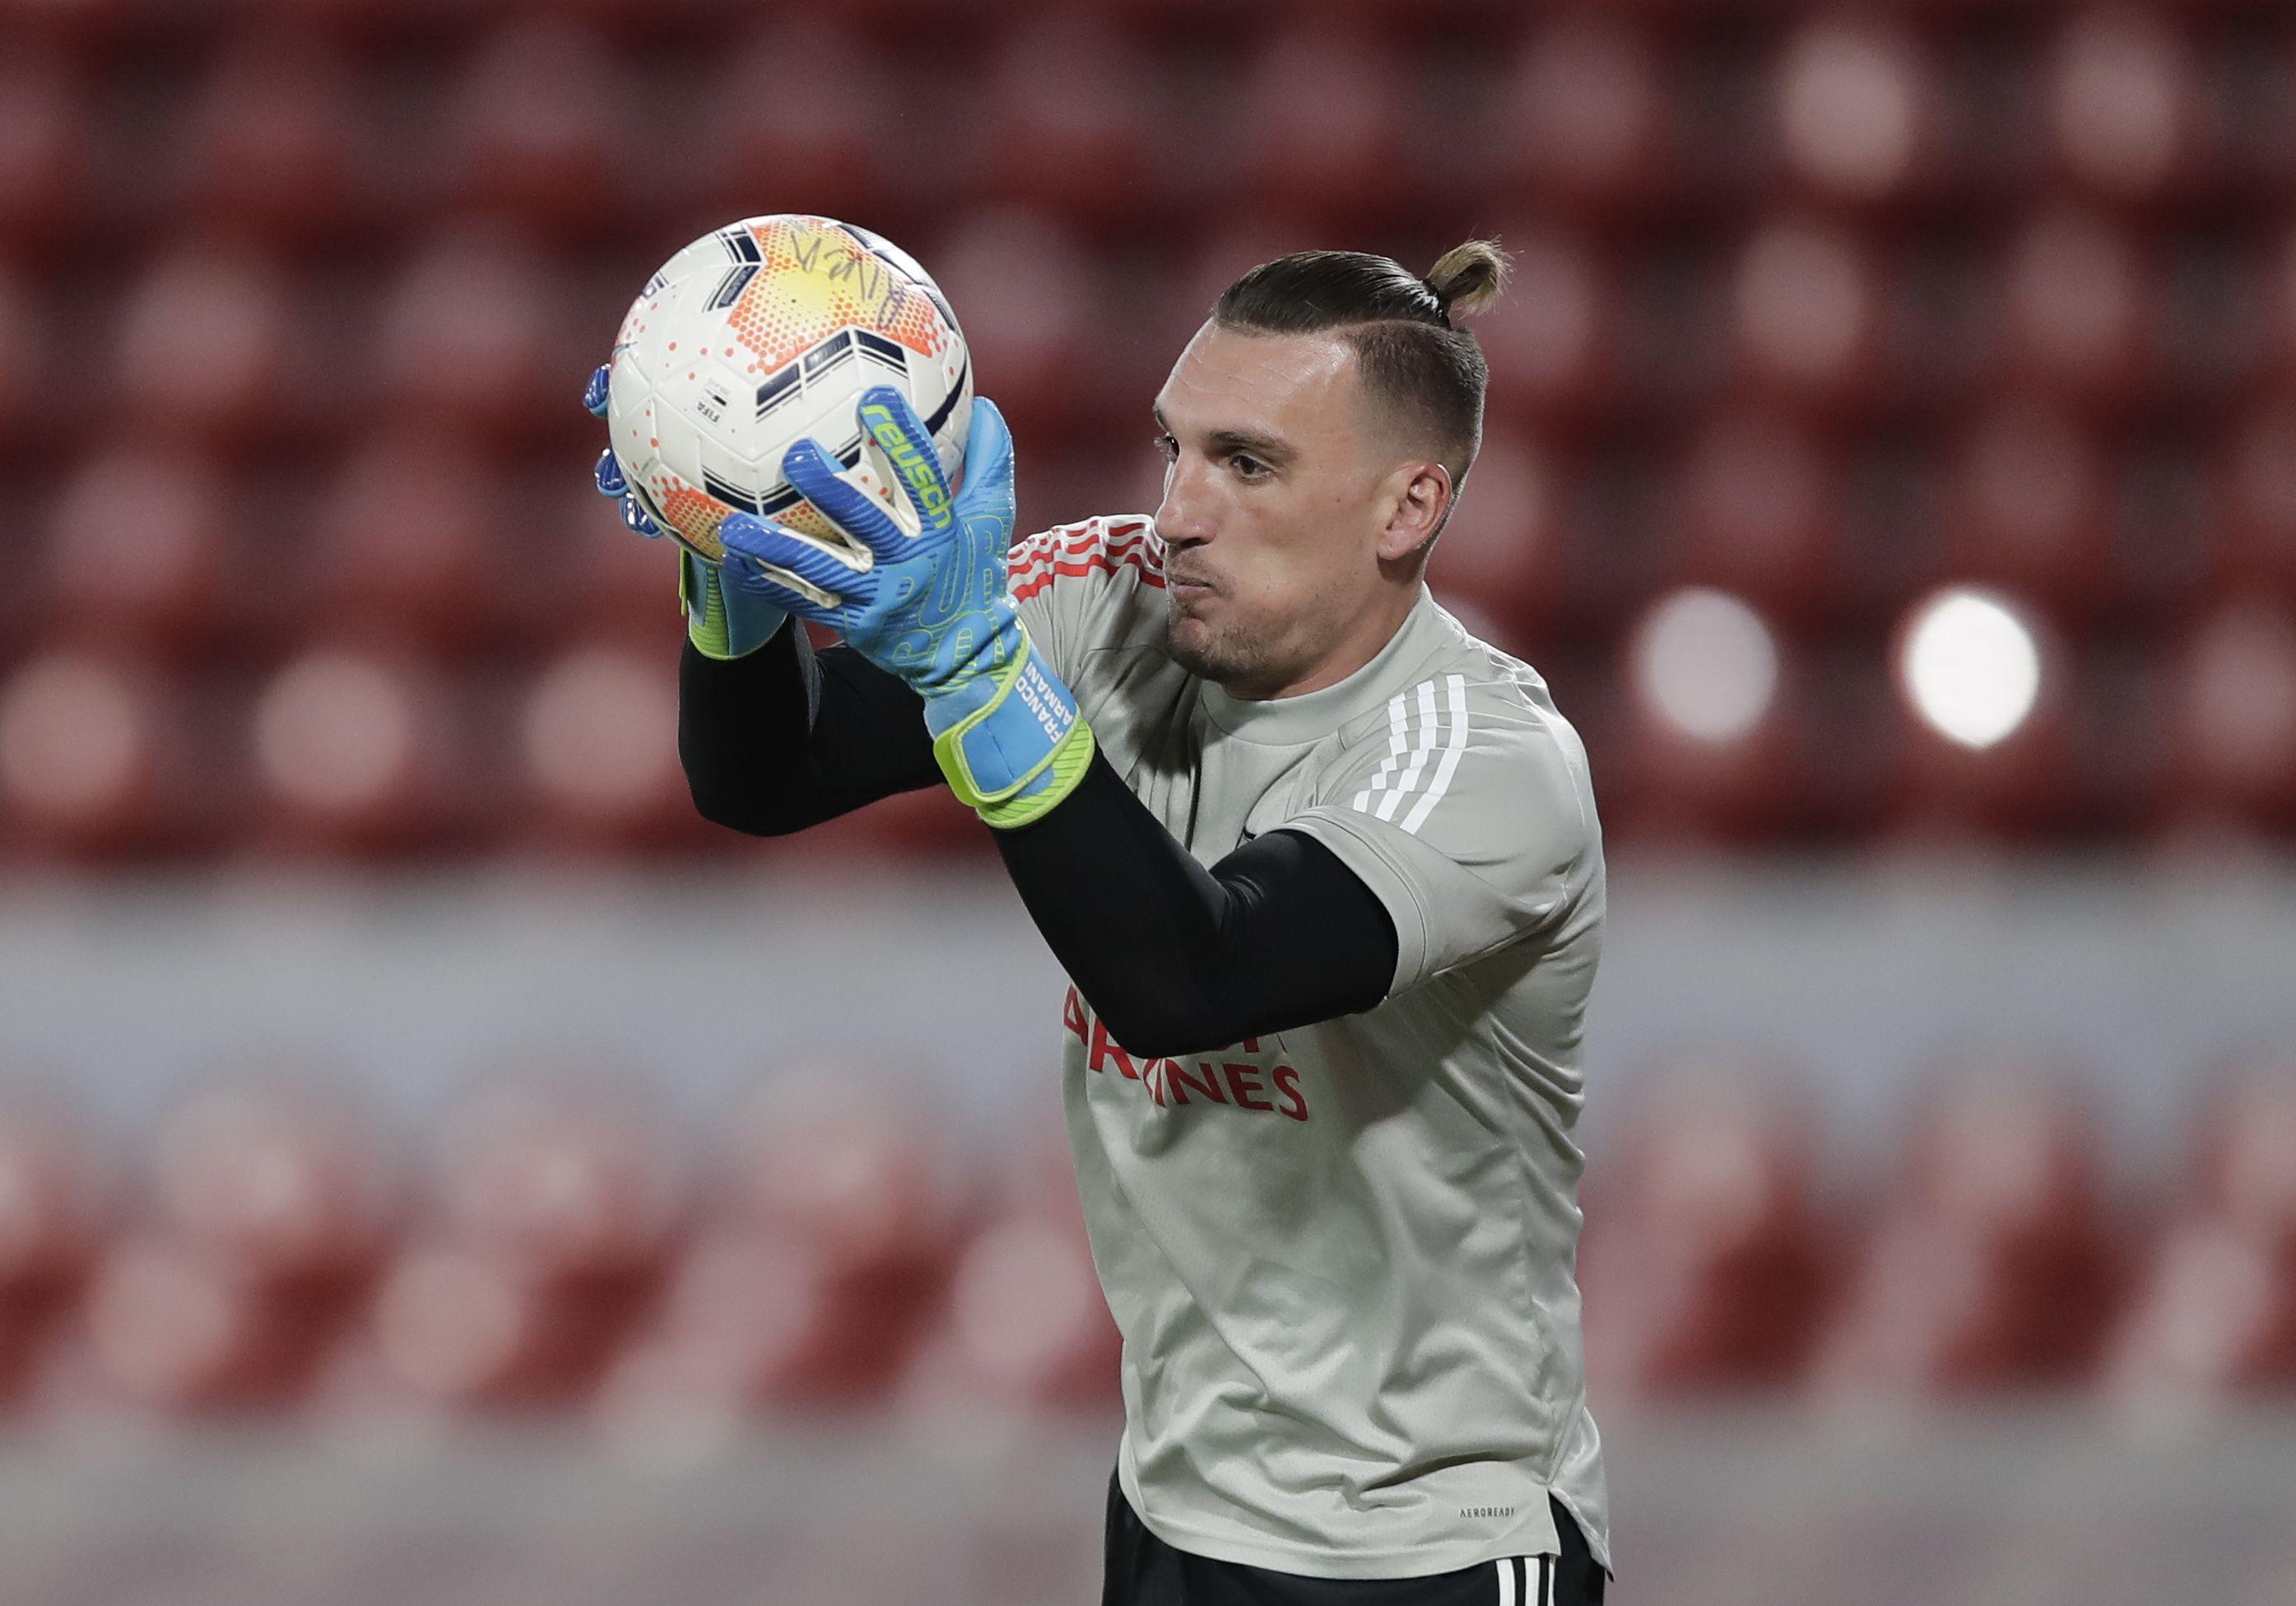 La colita en el pelo de Armani: se la cortó para jugar ante Independiente (Foto: Reuters)